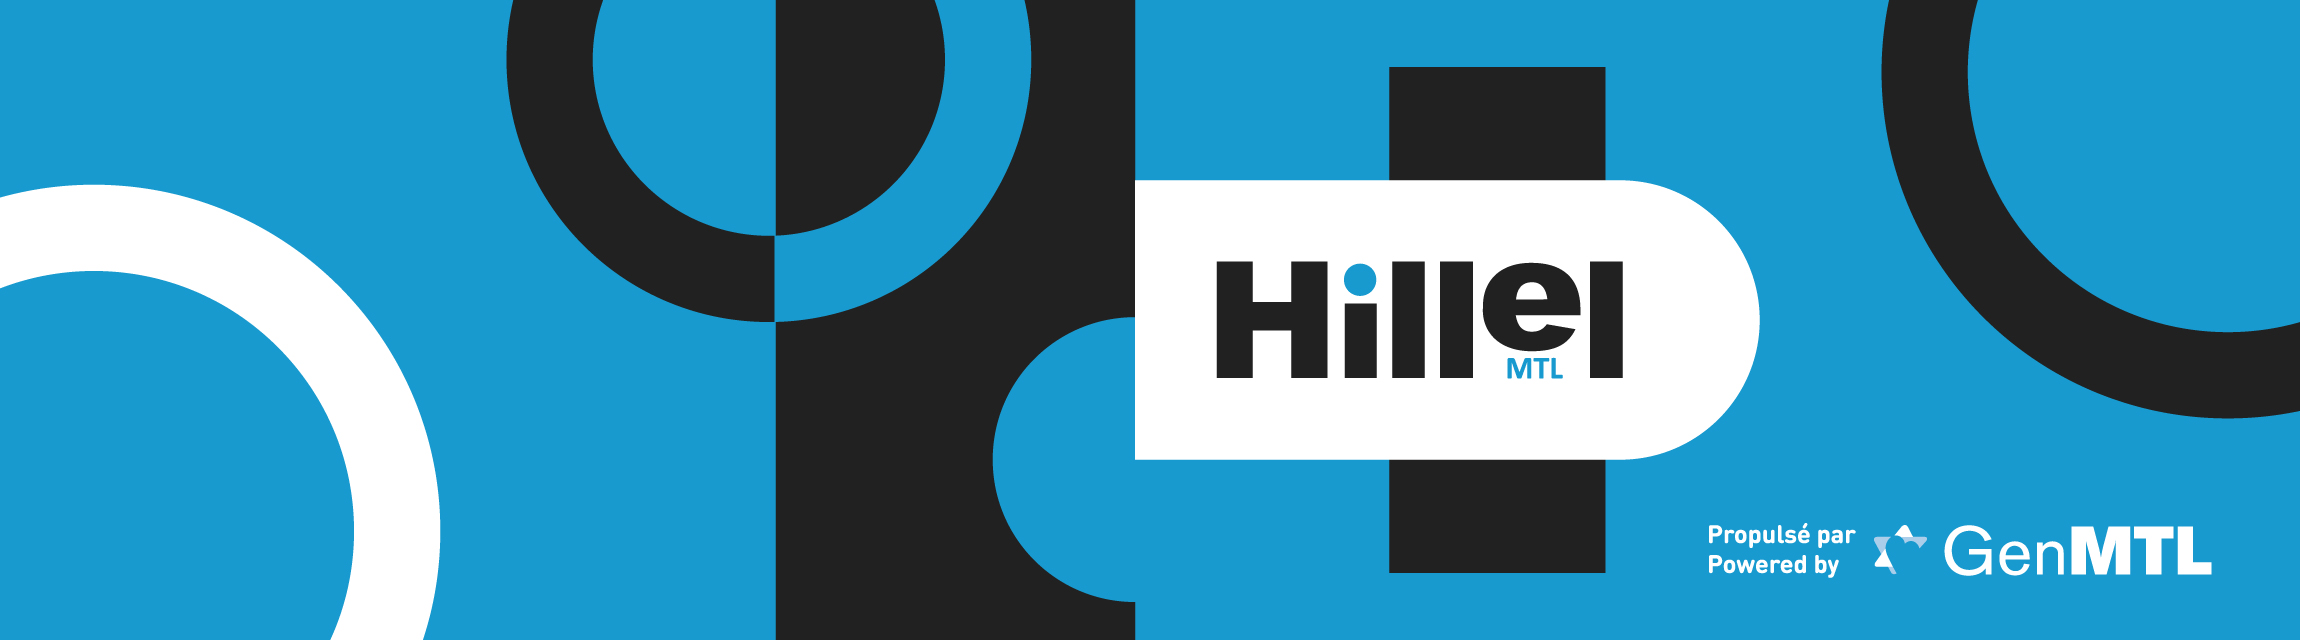 hil-21155_jlivebanners_hillelmtl_2300x640-20210607-190959.jpg